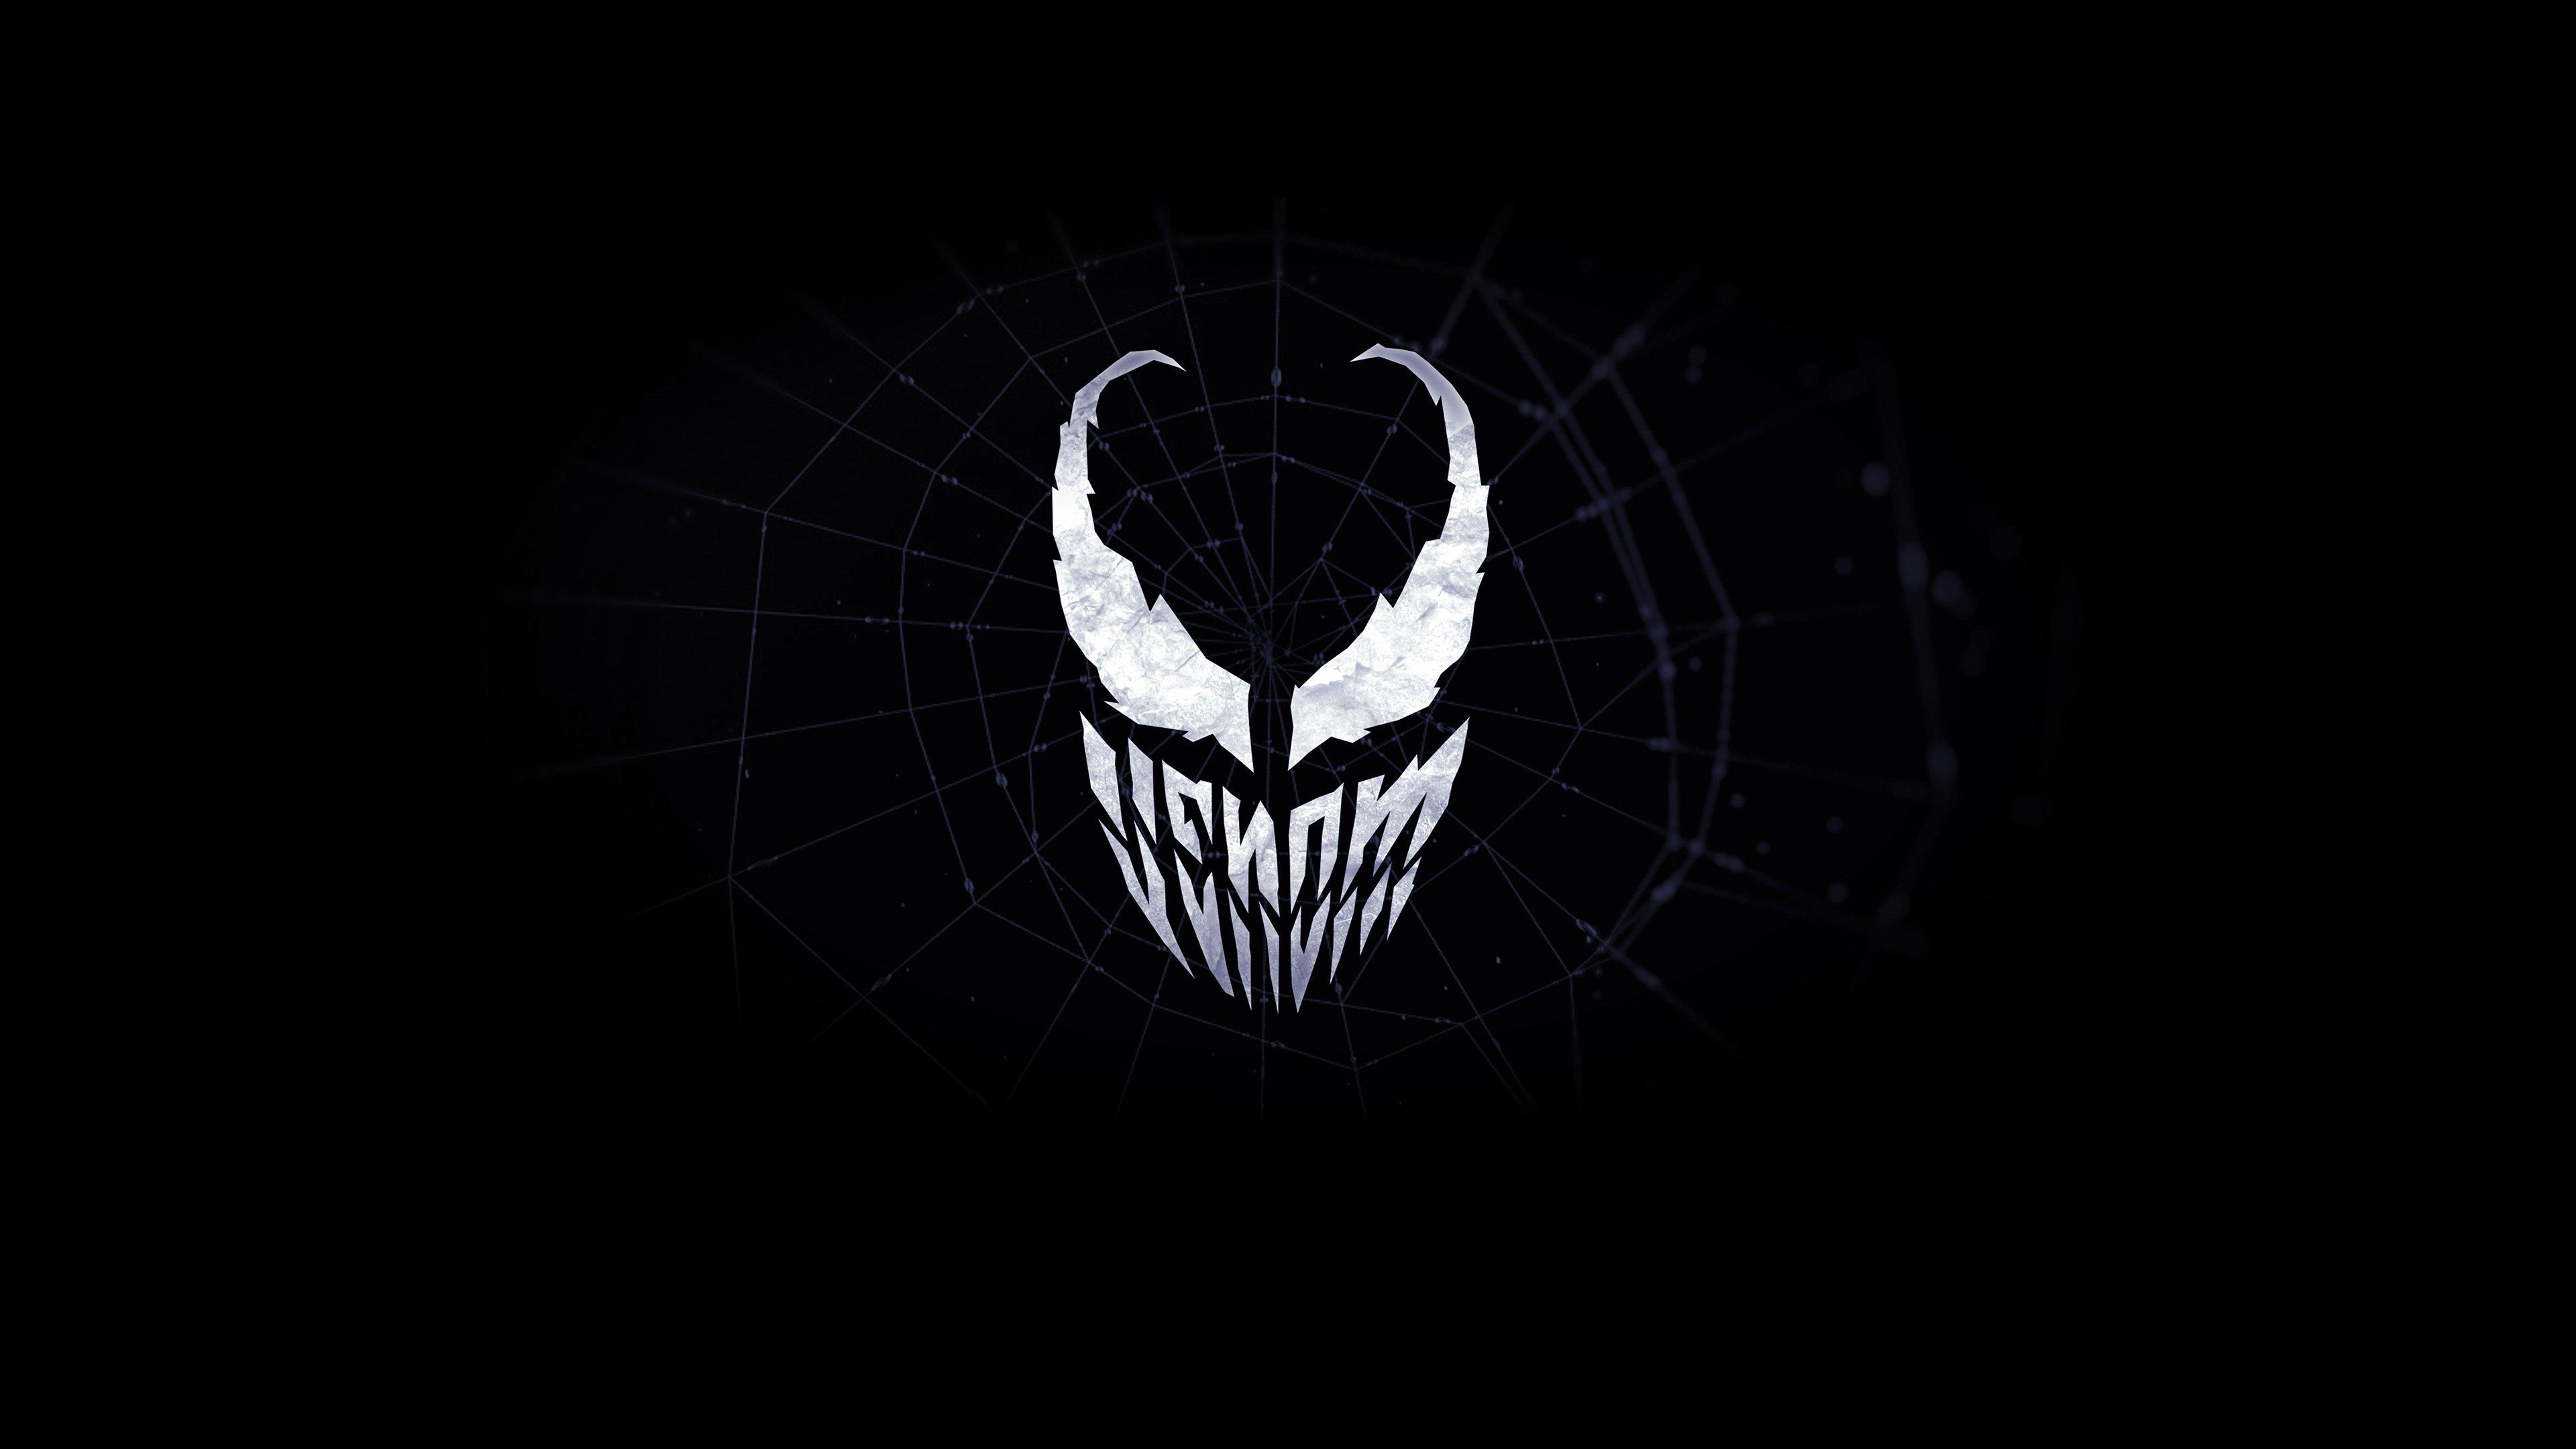 Fondos de pantalla Venom Logo Minimalista